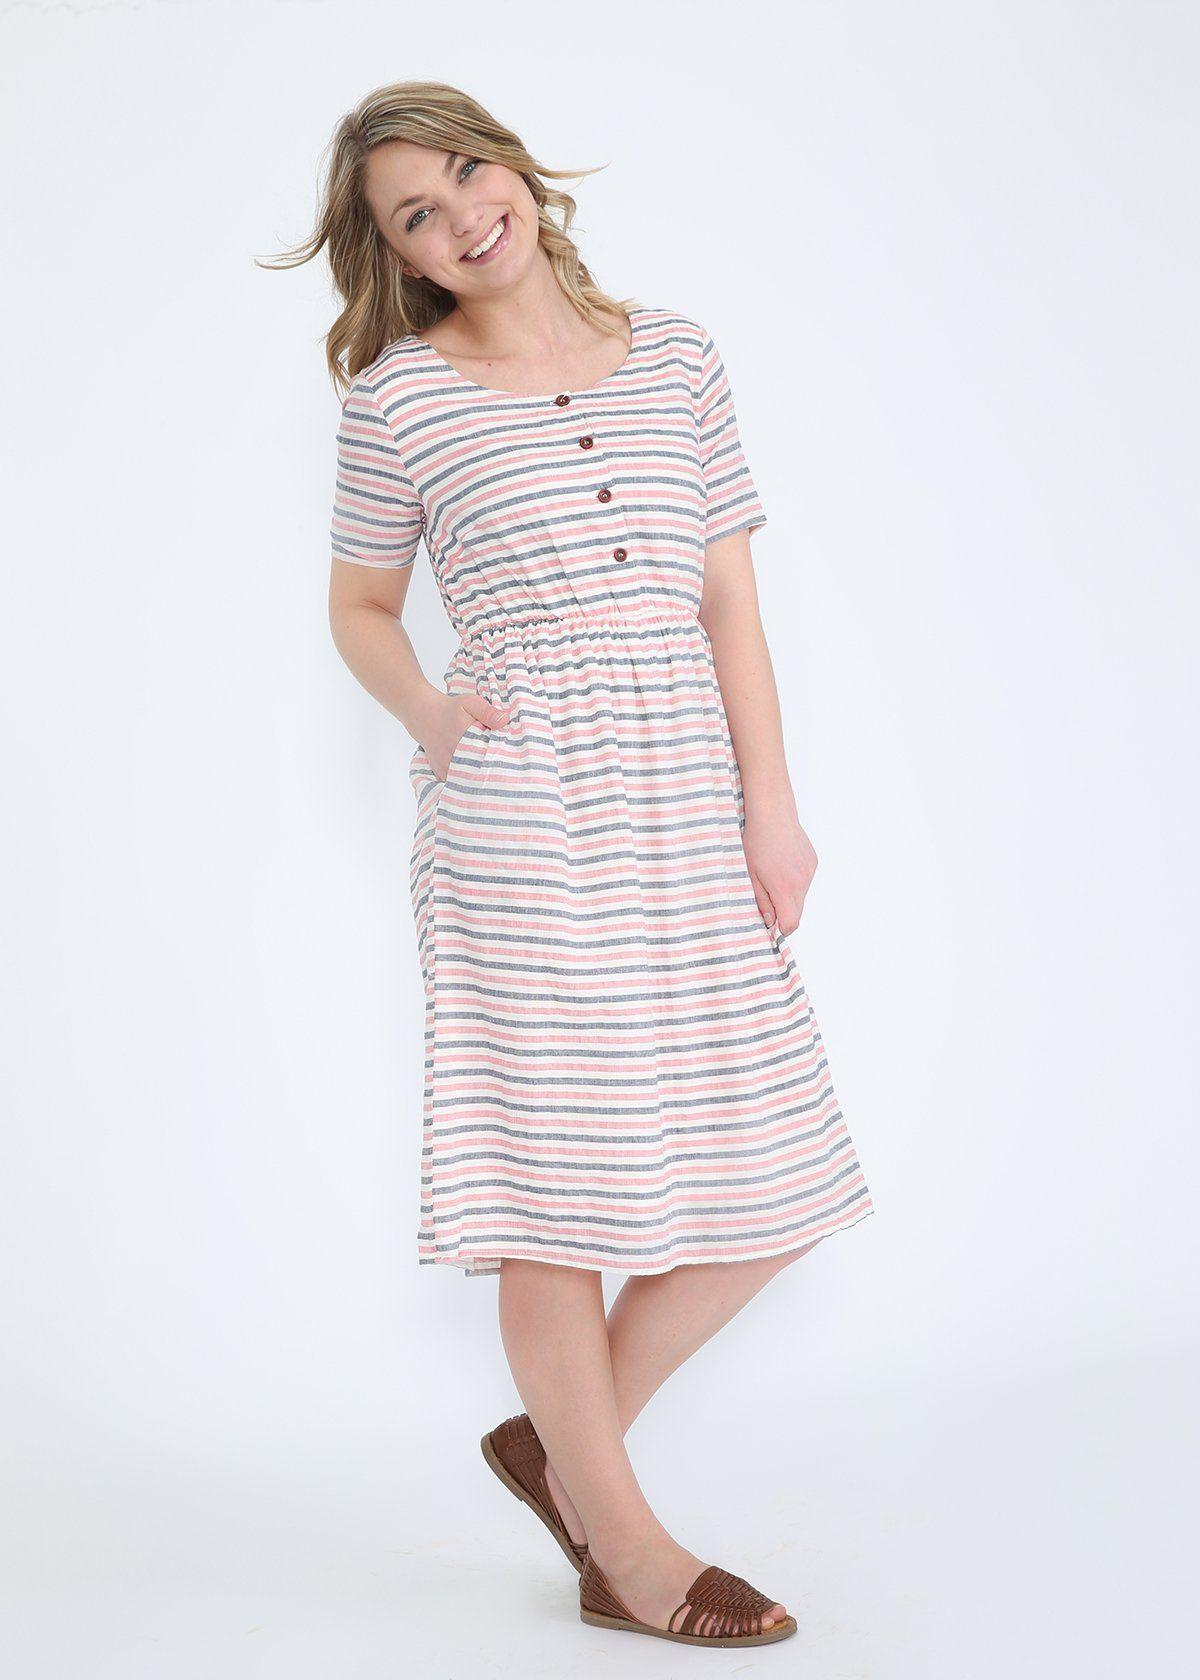 Rojo Striped Midi Dress Final Sale Striped Midi Dress Modest Dresses Dresses [ 1680 x 1200 Pixel ]